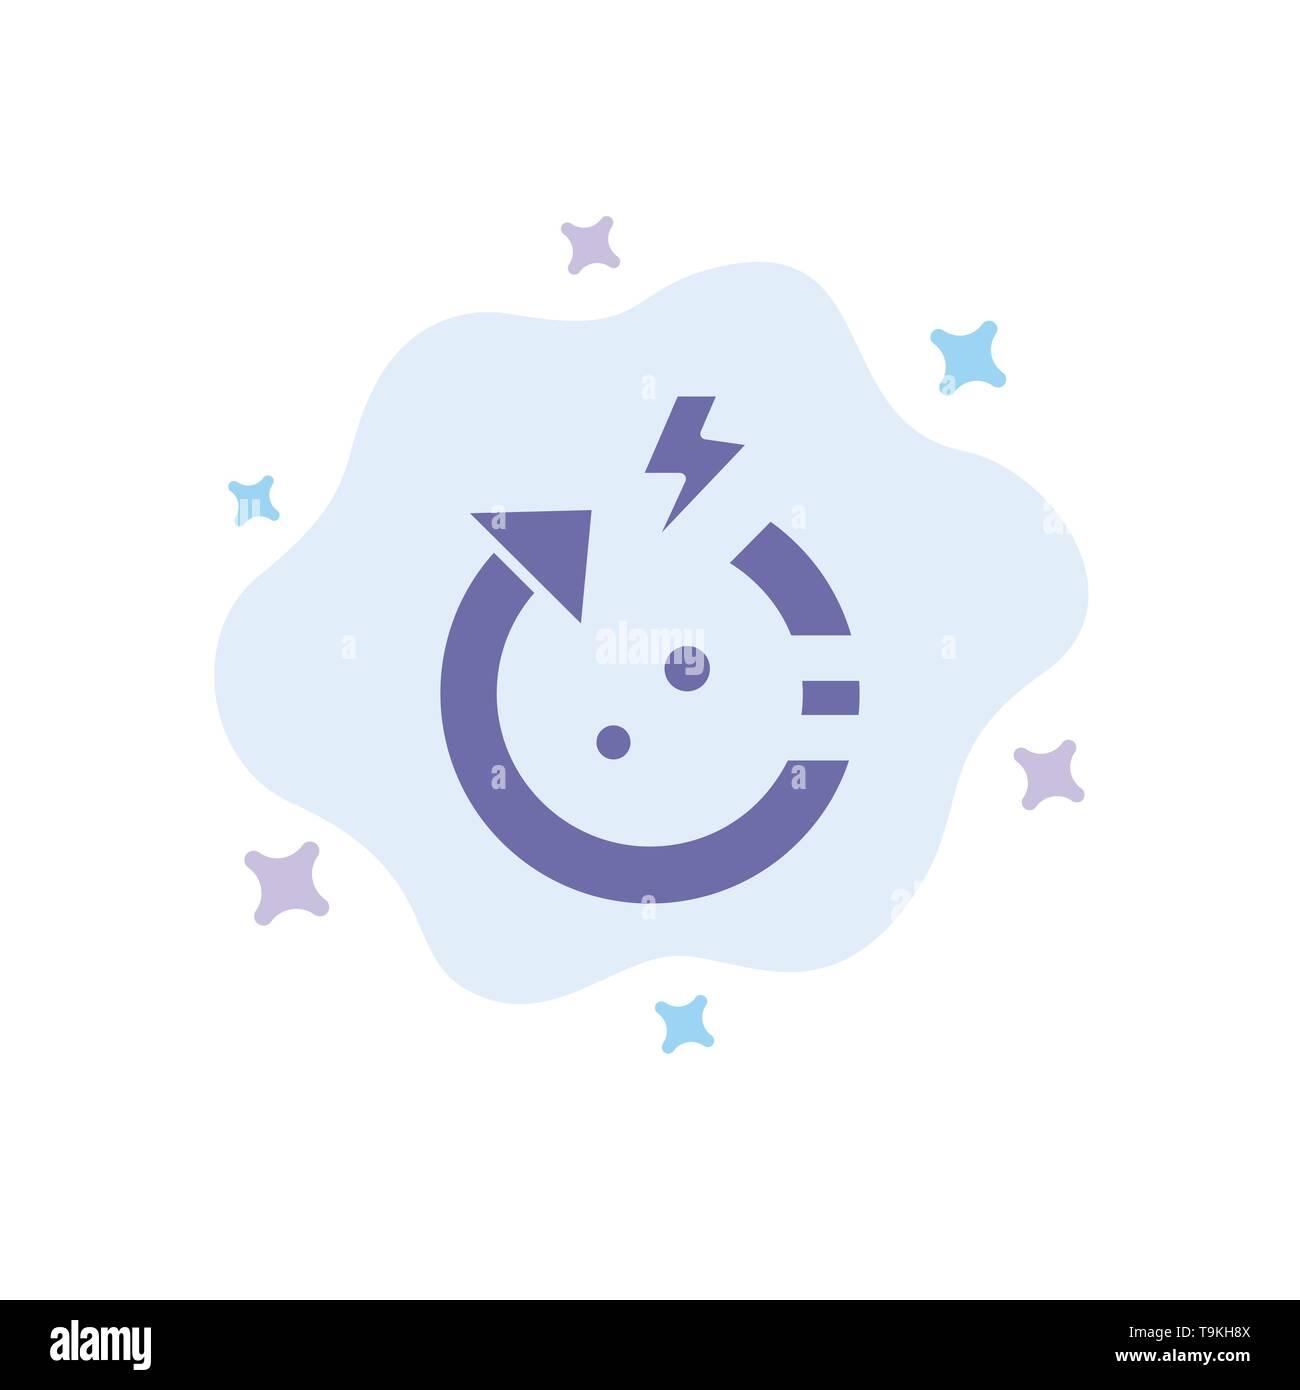 Pfeil, Energie, Sparen, Welt blaues Symbol auf Abstrakten Cloud Hintergrund Stockbild